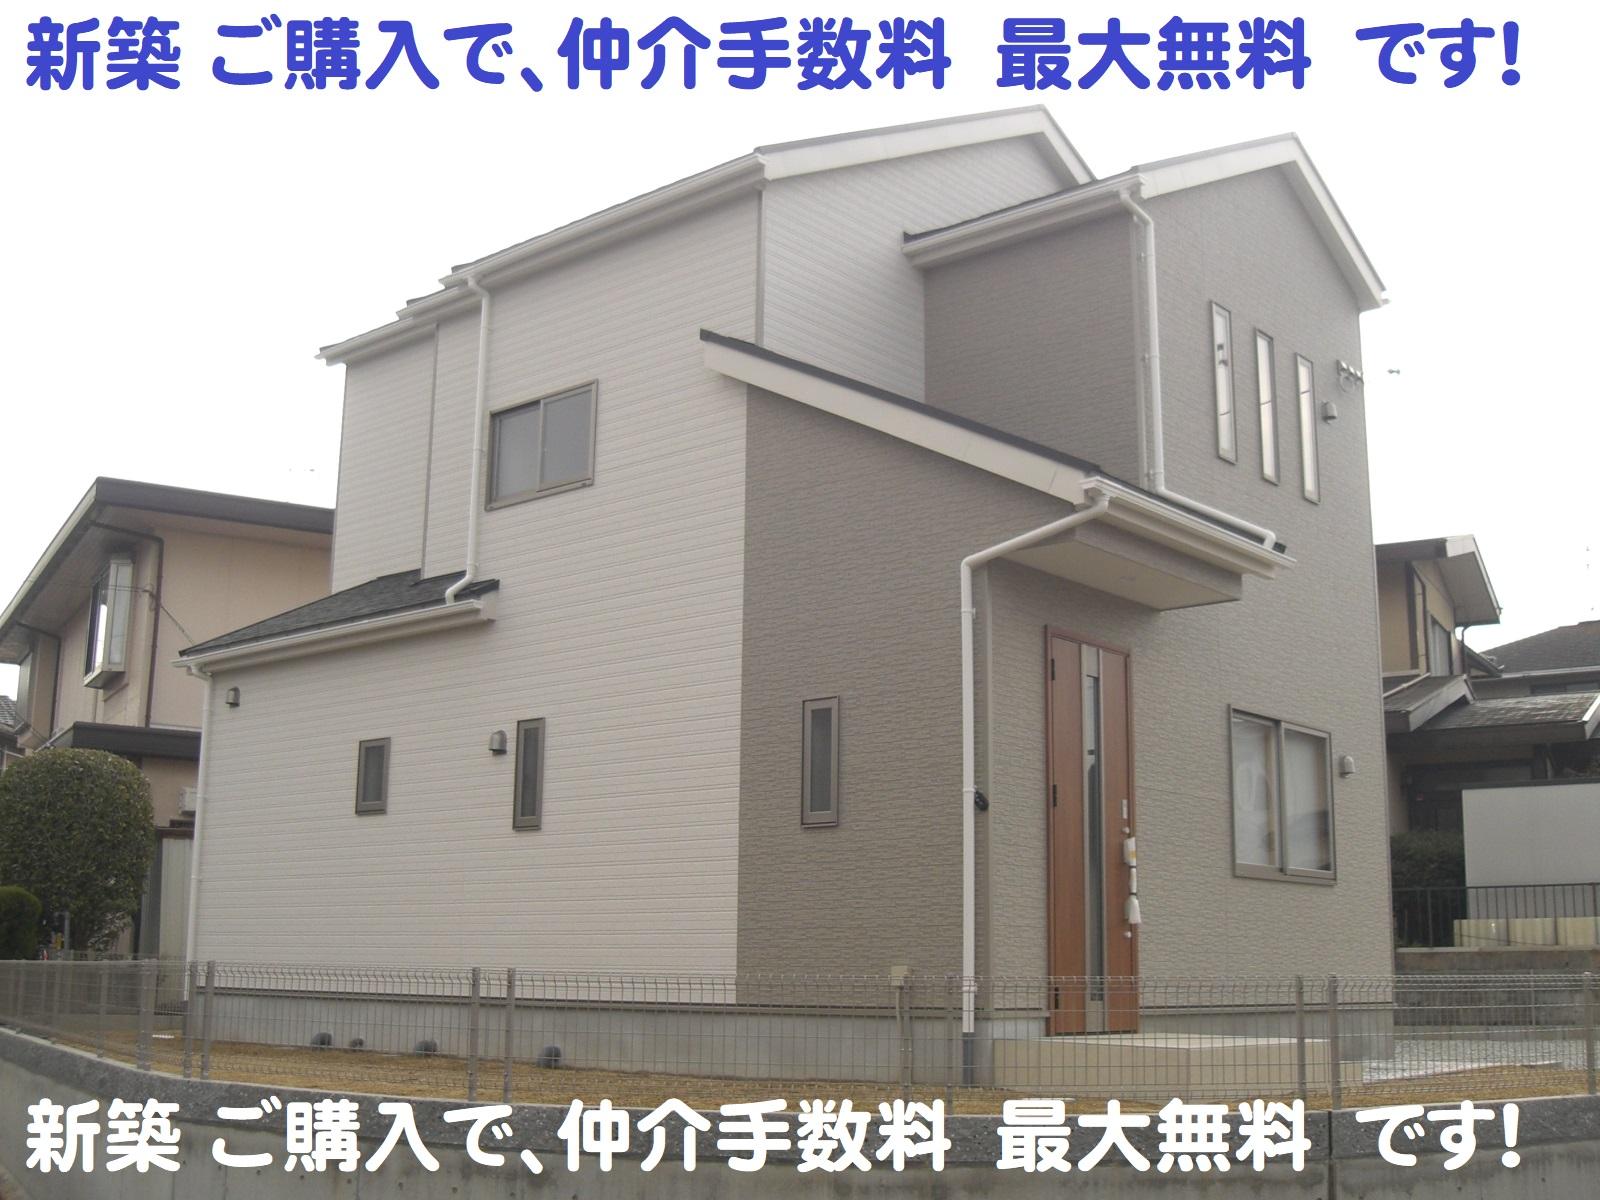 奈良県 生駒郡 平群町 新築 ビート住建 お買い得 仲介手数料 最大無料 です!